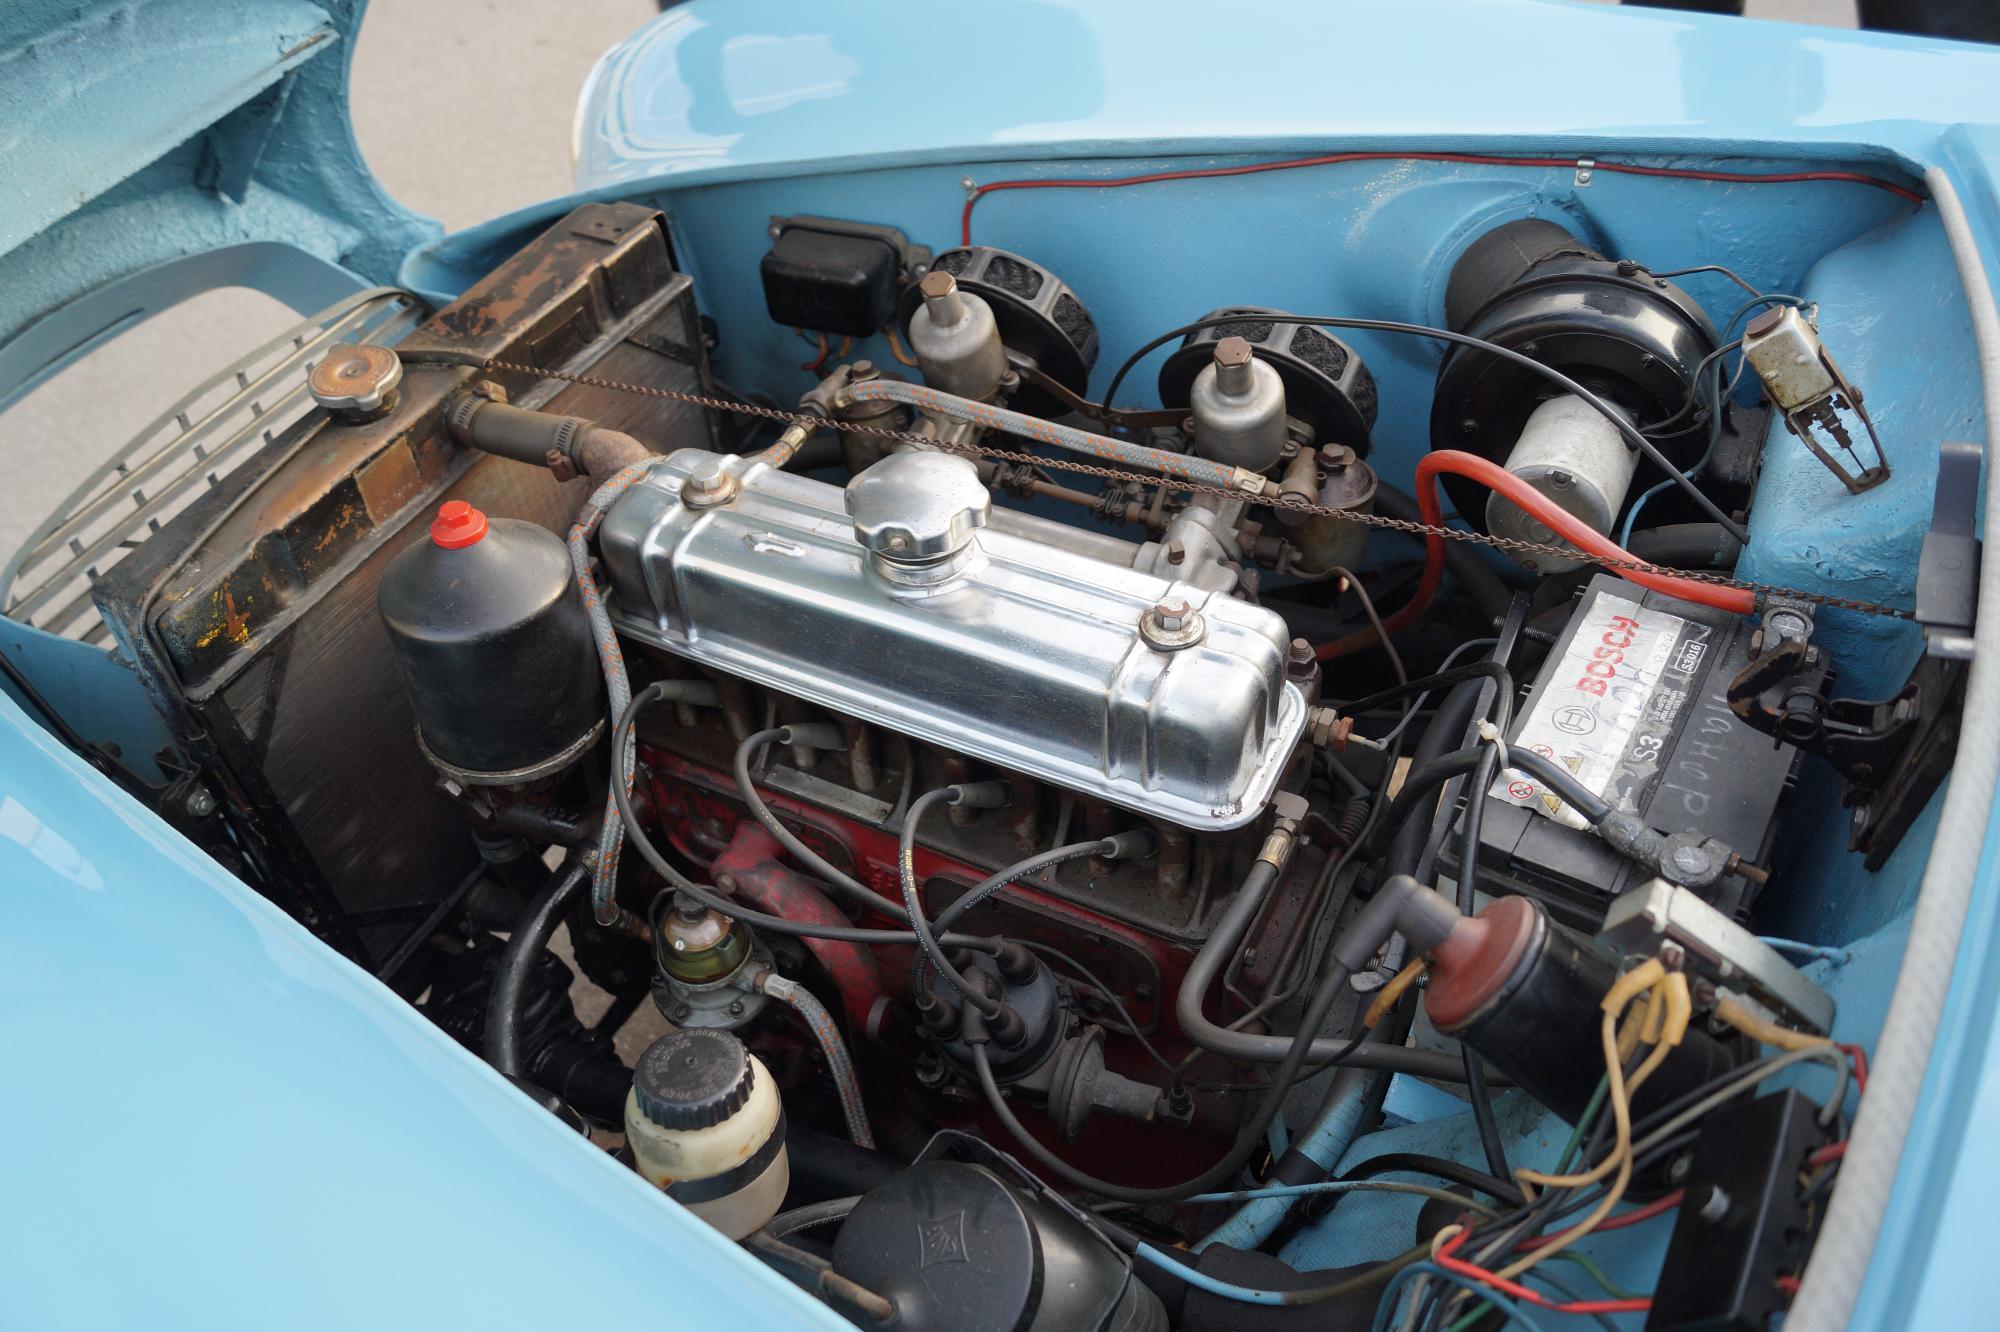 repair manual diesel enlarge gb haynes en volvo cover